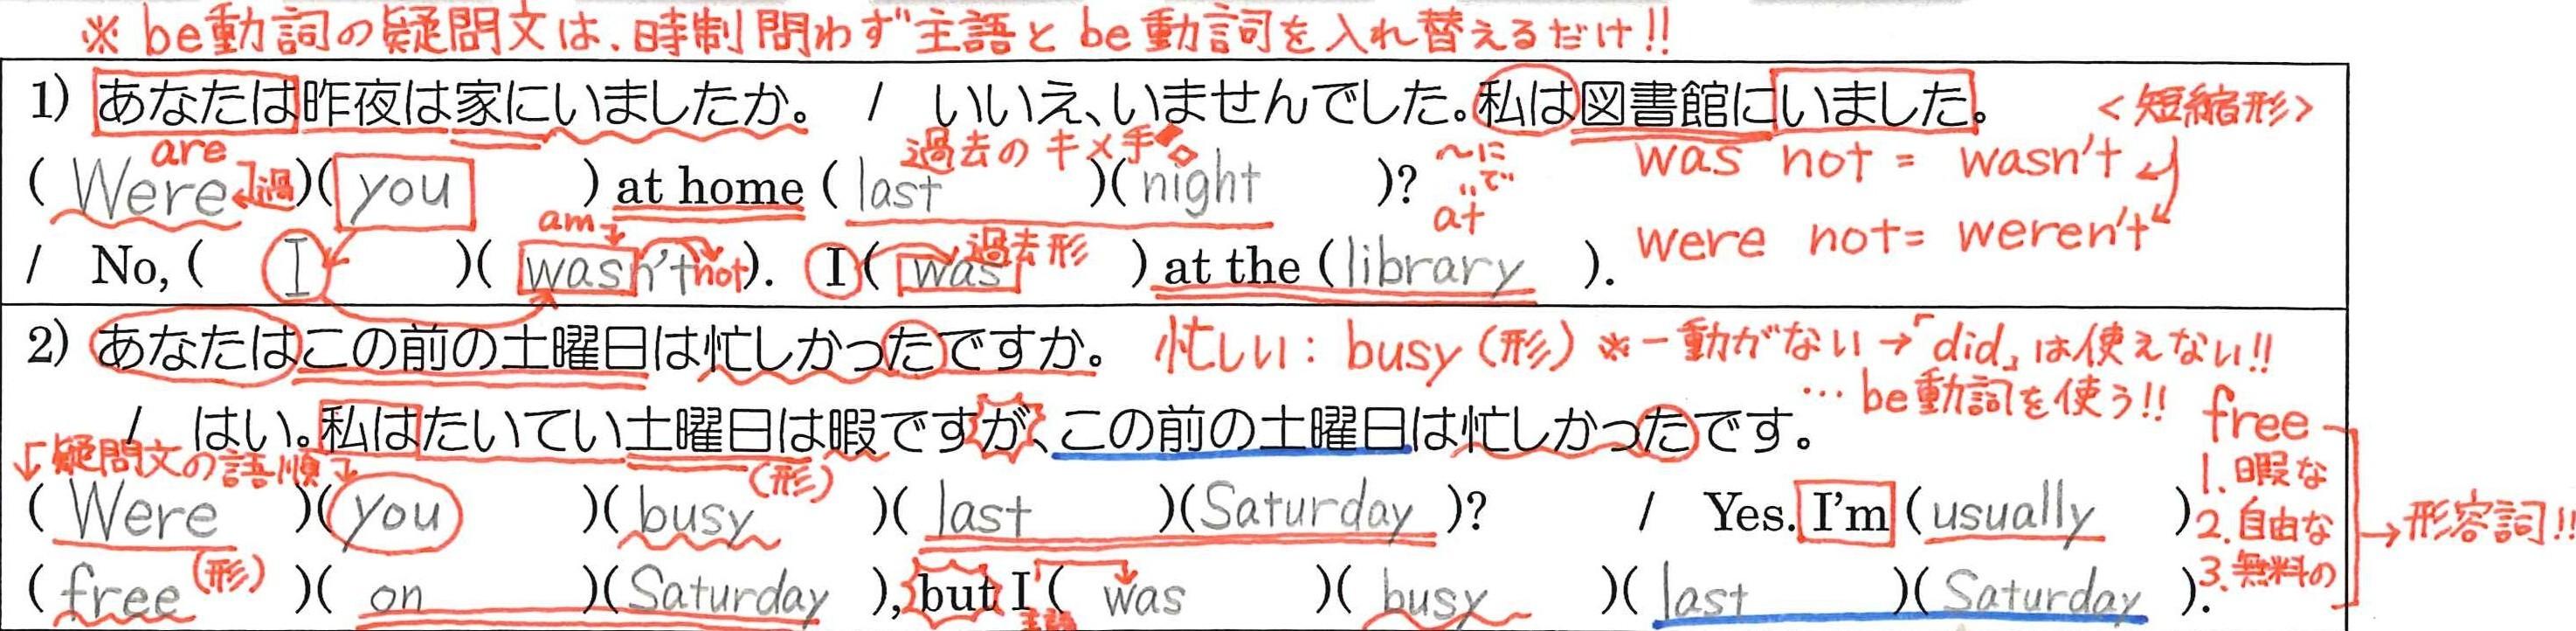 公立高校入試のための英語学習―Aさんが3年間貫徹した英語学習法-_d0116009_13154972.jpg